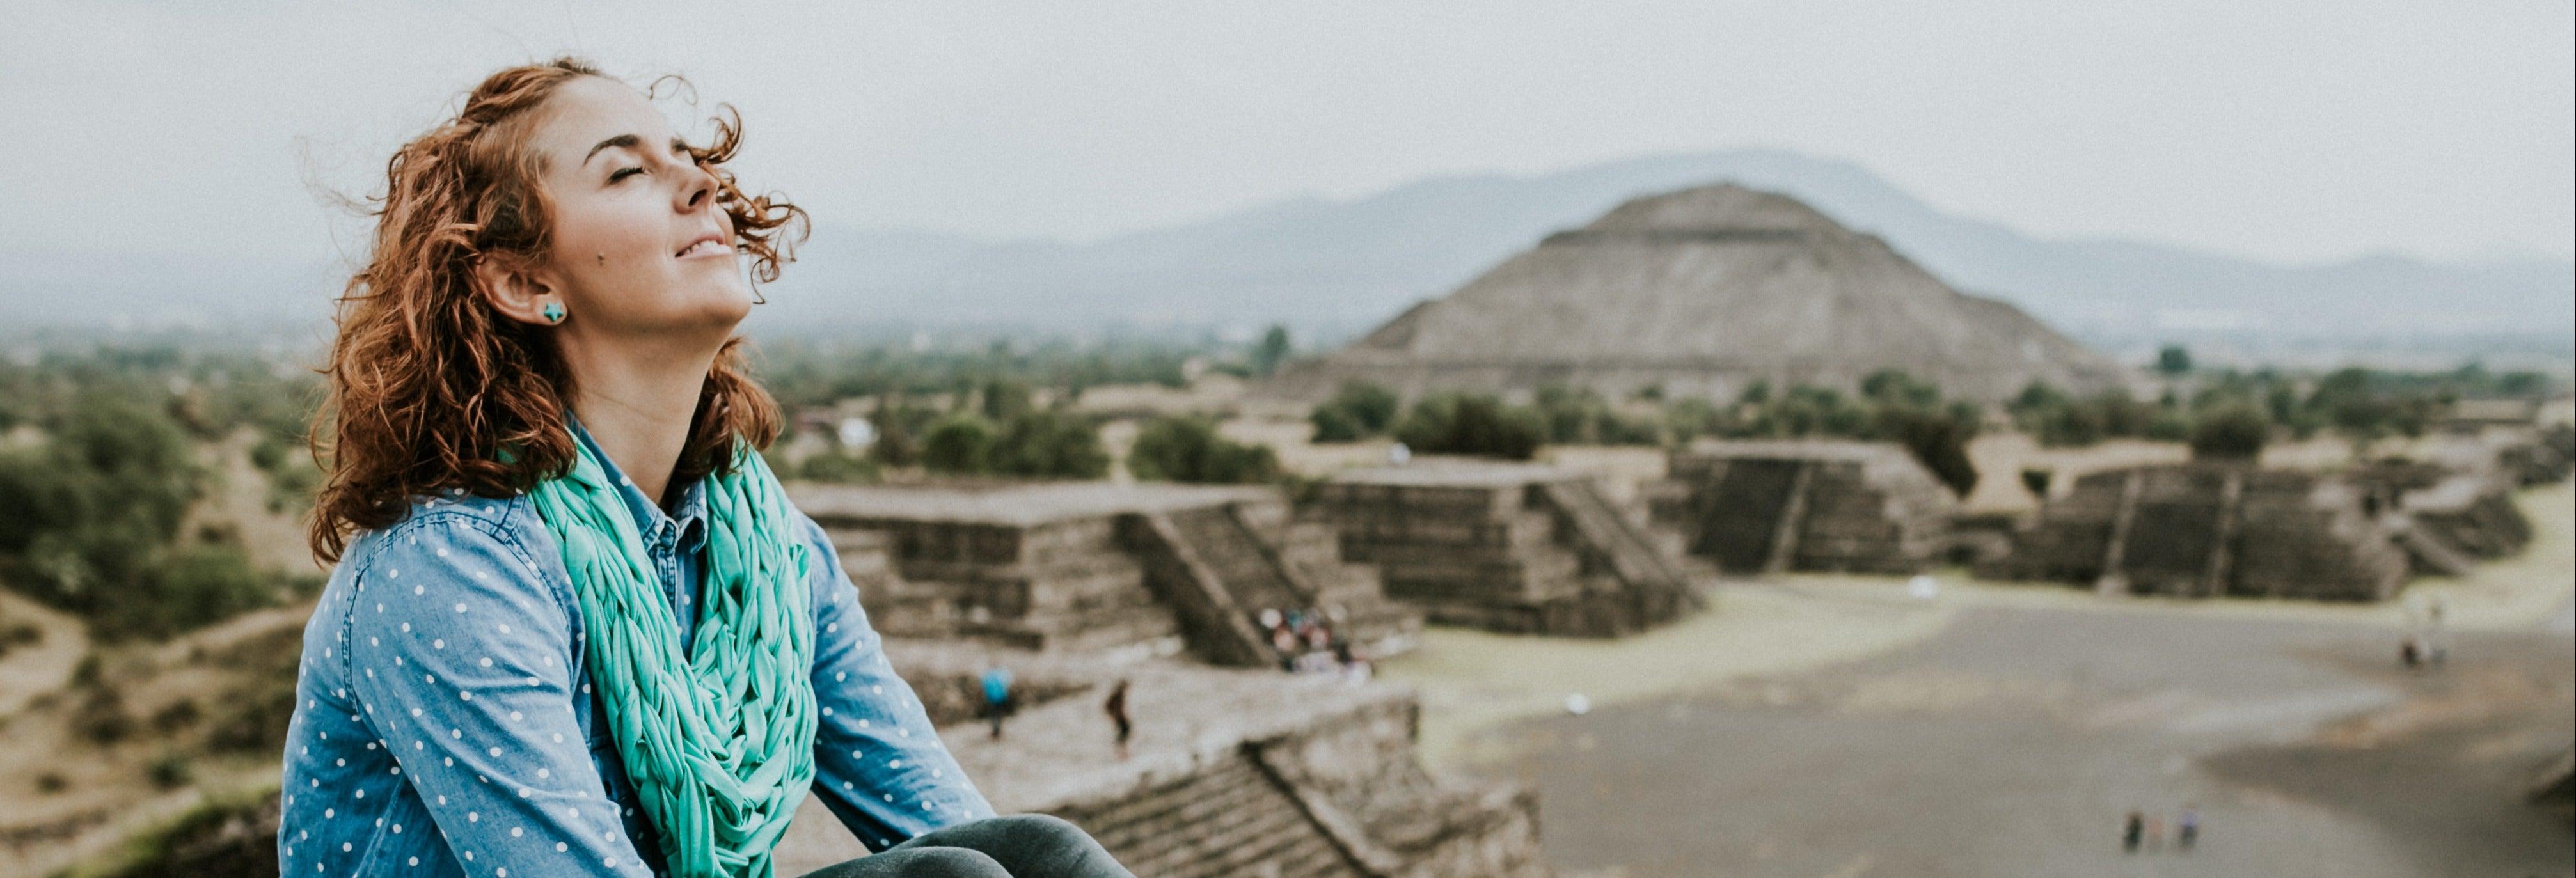 Escursione a Teotihuacan al tramonto